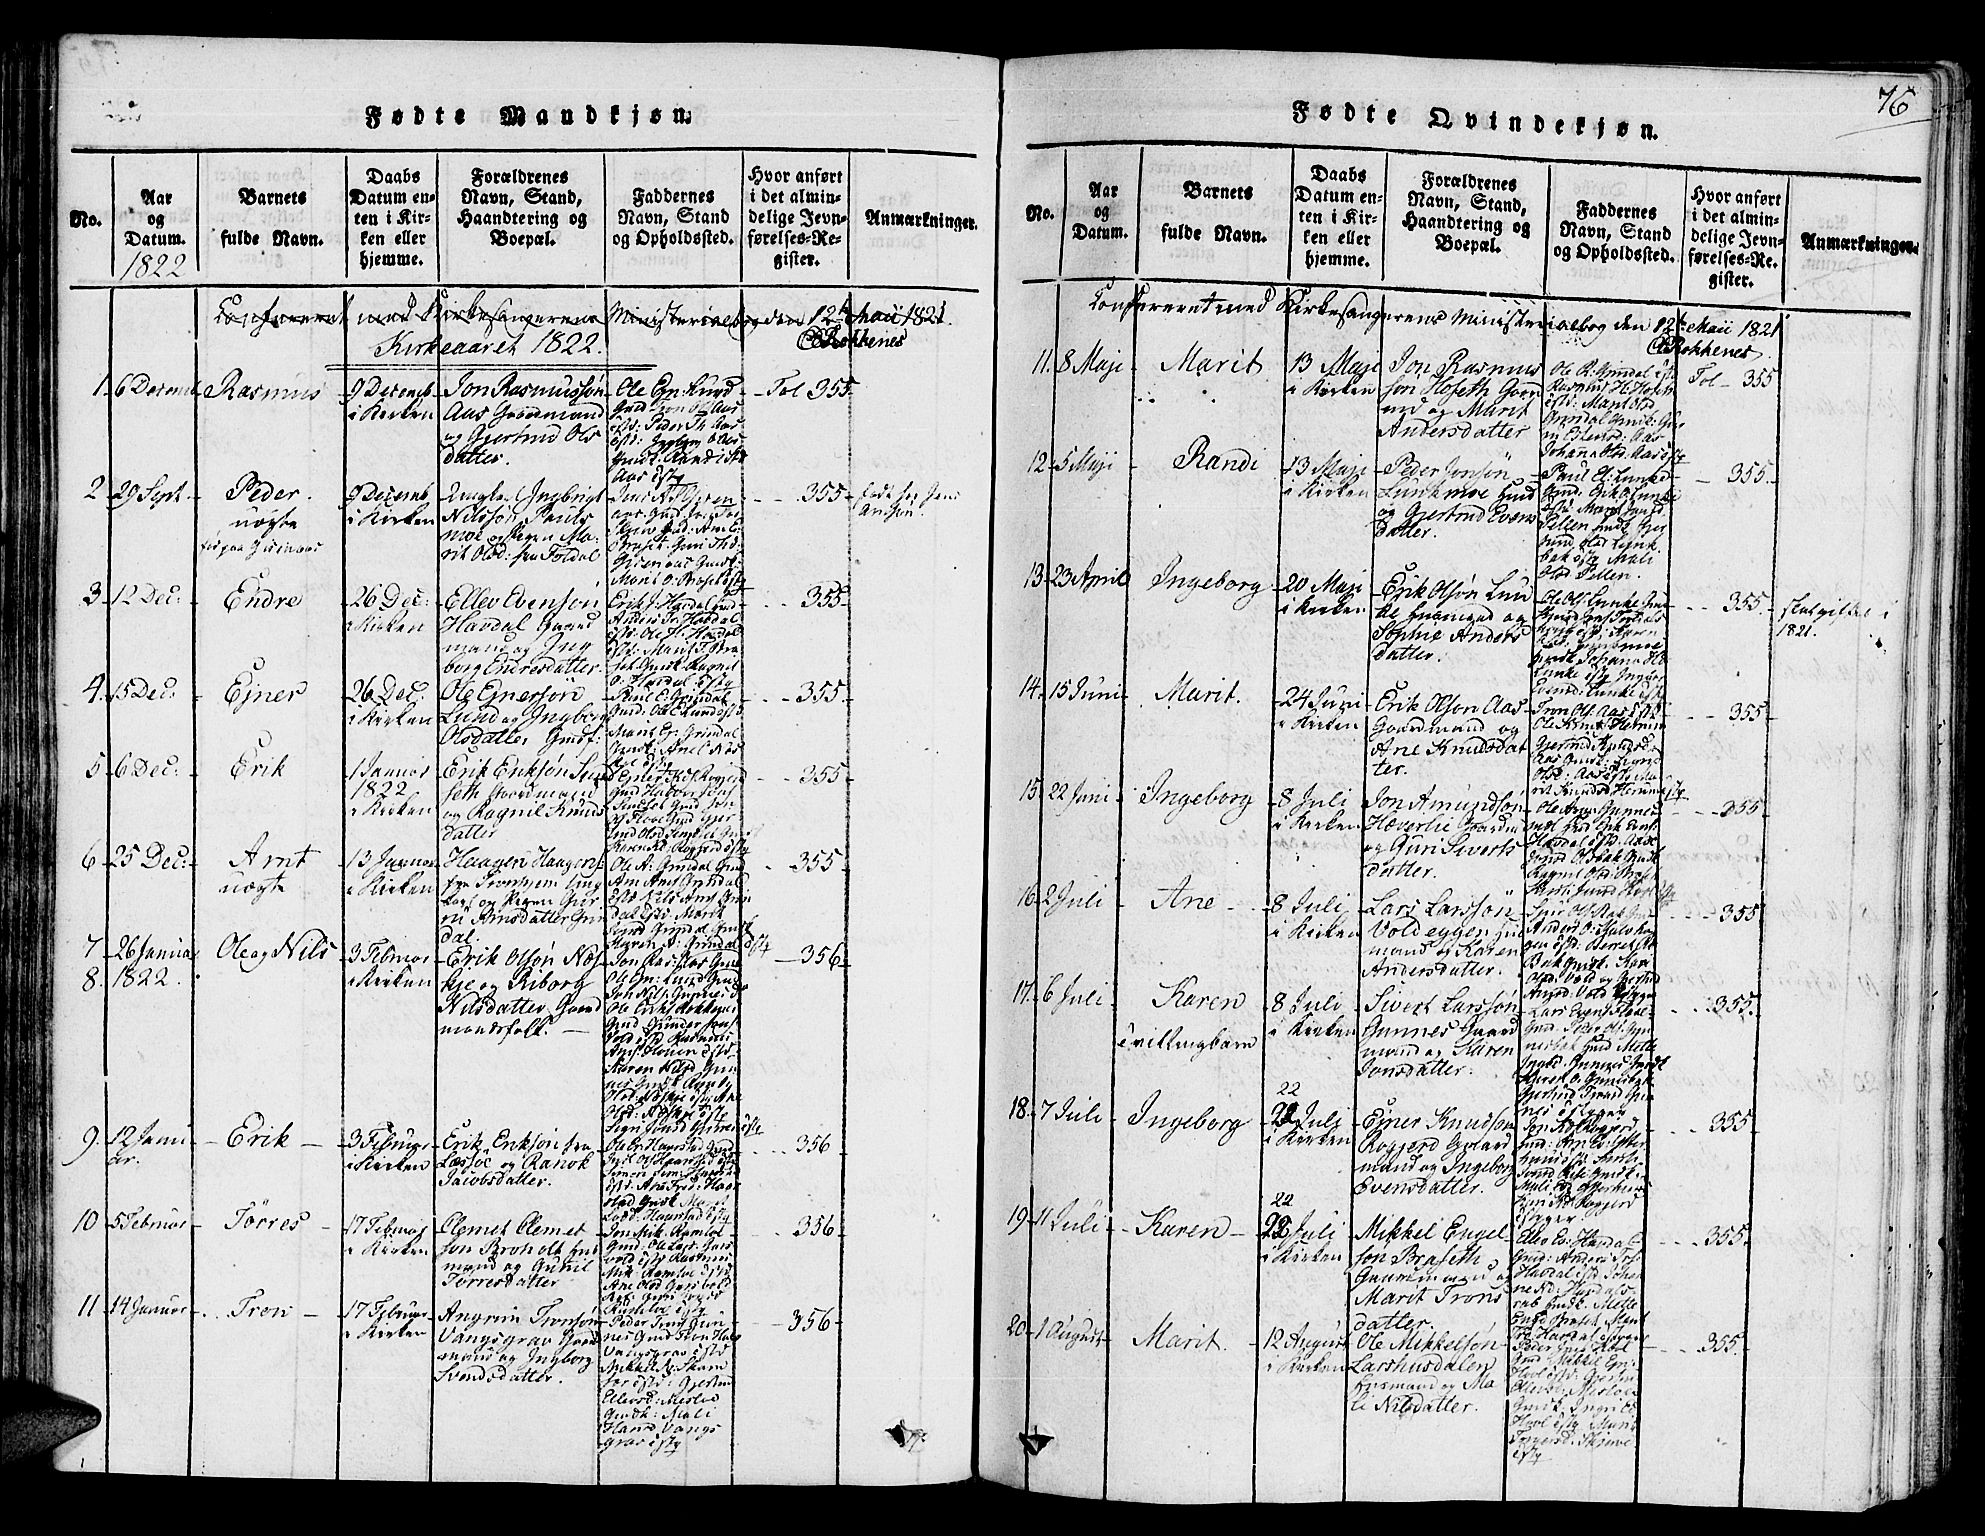 SAT, Ministerialprotokoller, klokkerbøker og fødselsregistre - Sør-Trøndelag, 672/L0854: Ministerialbok nr. 672A06 /2, 1816-1829, s. 76